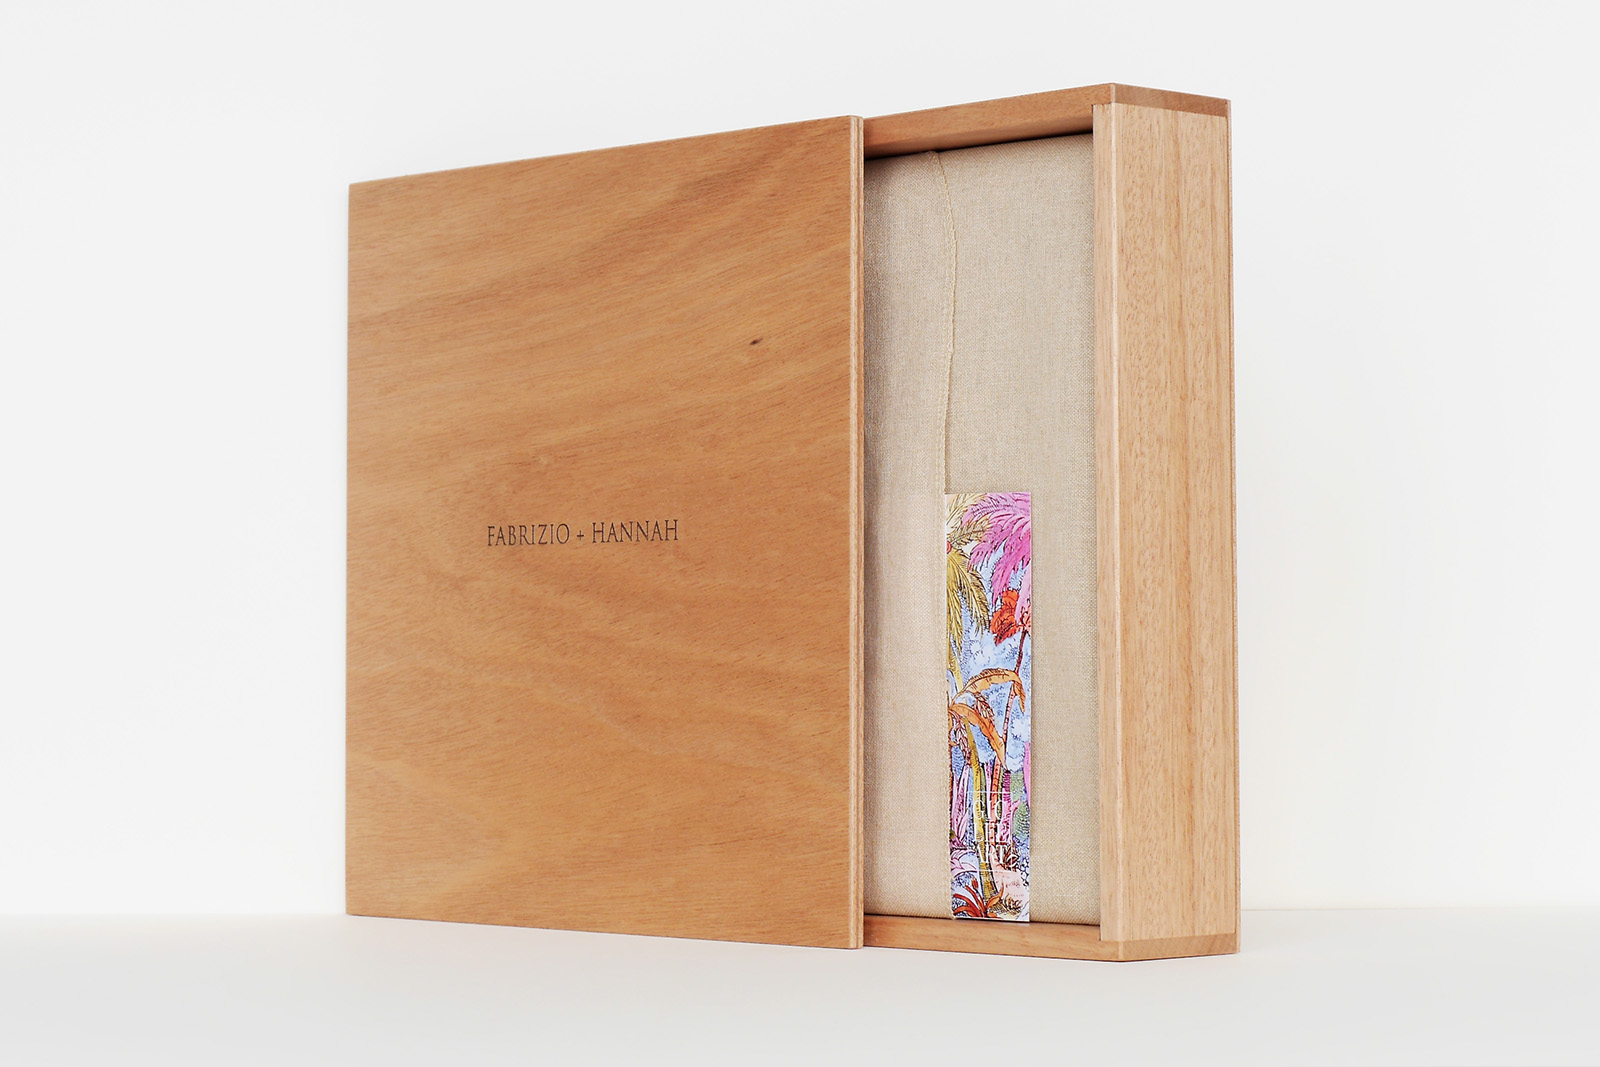 woodenbox